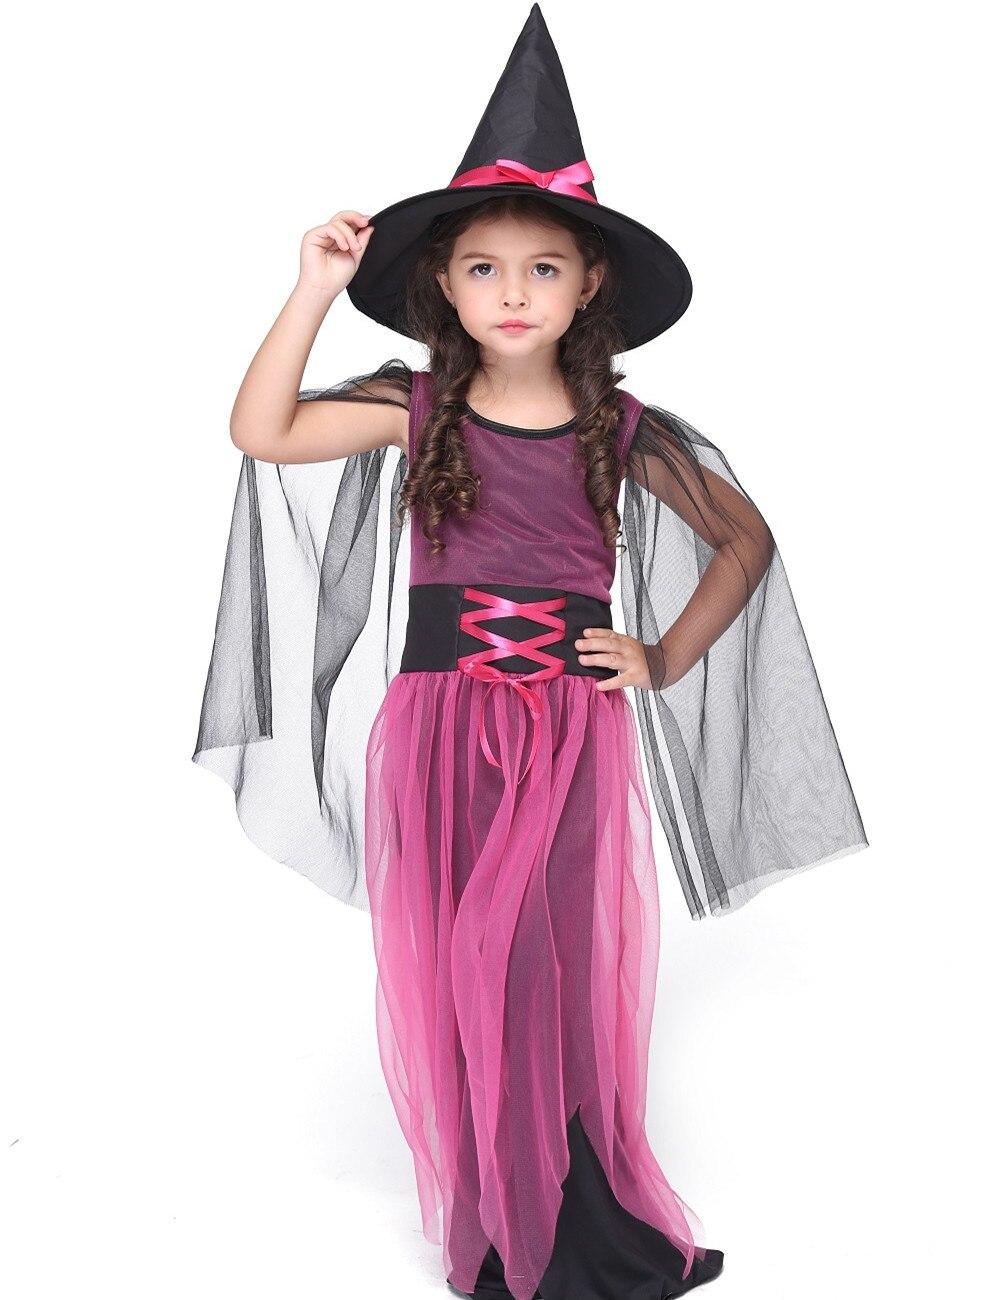 ᐃVenta caliente chica vestido de bruja traje de Halloween para los ...